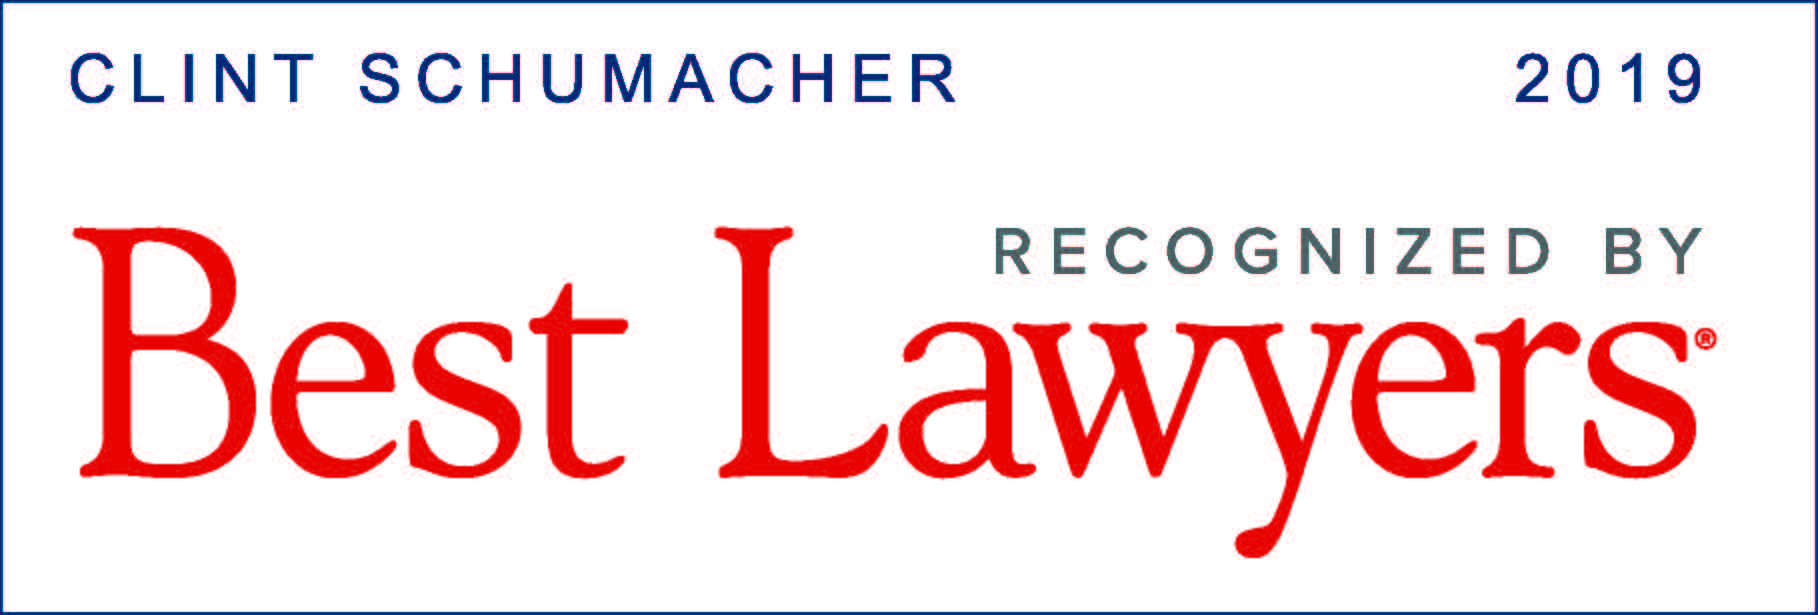 105650 - Clint Schumacher